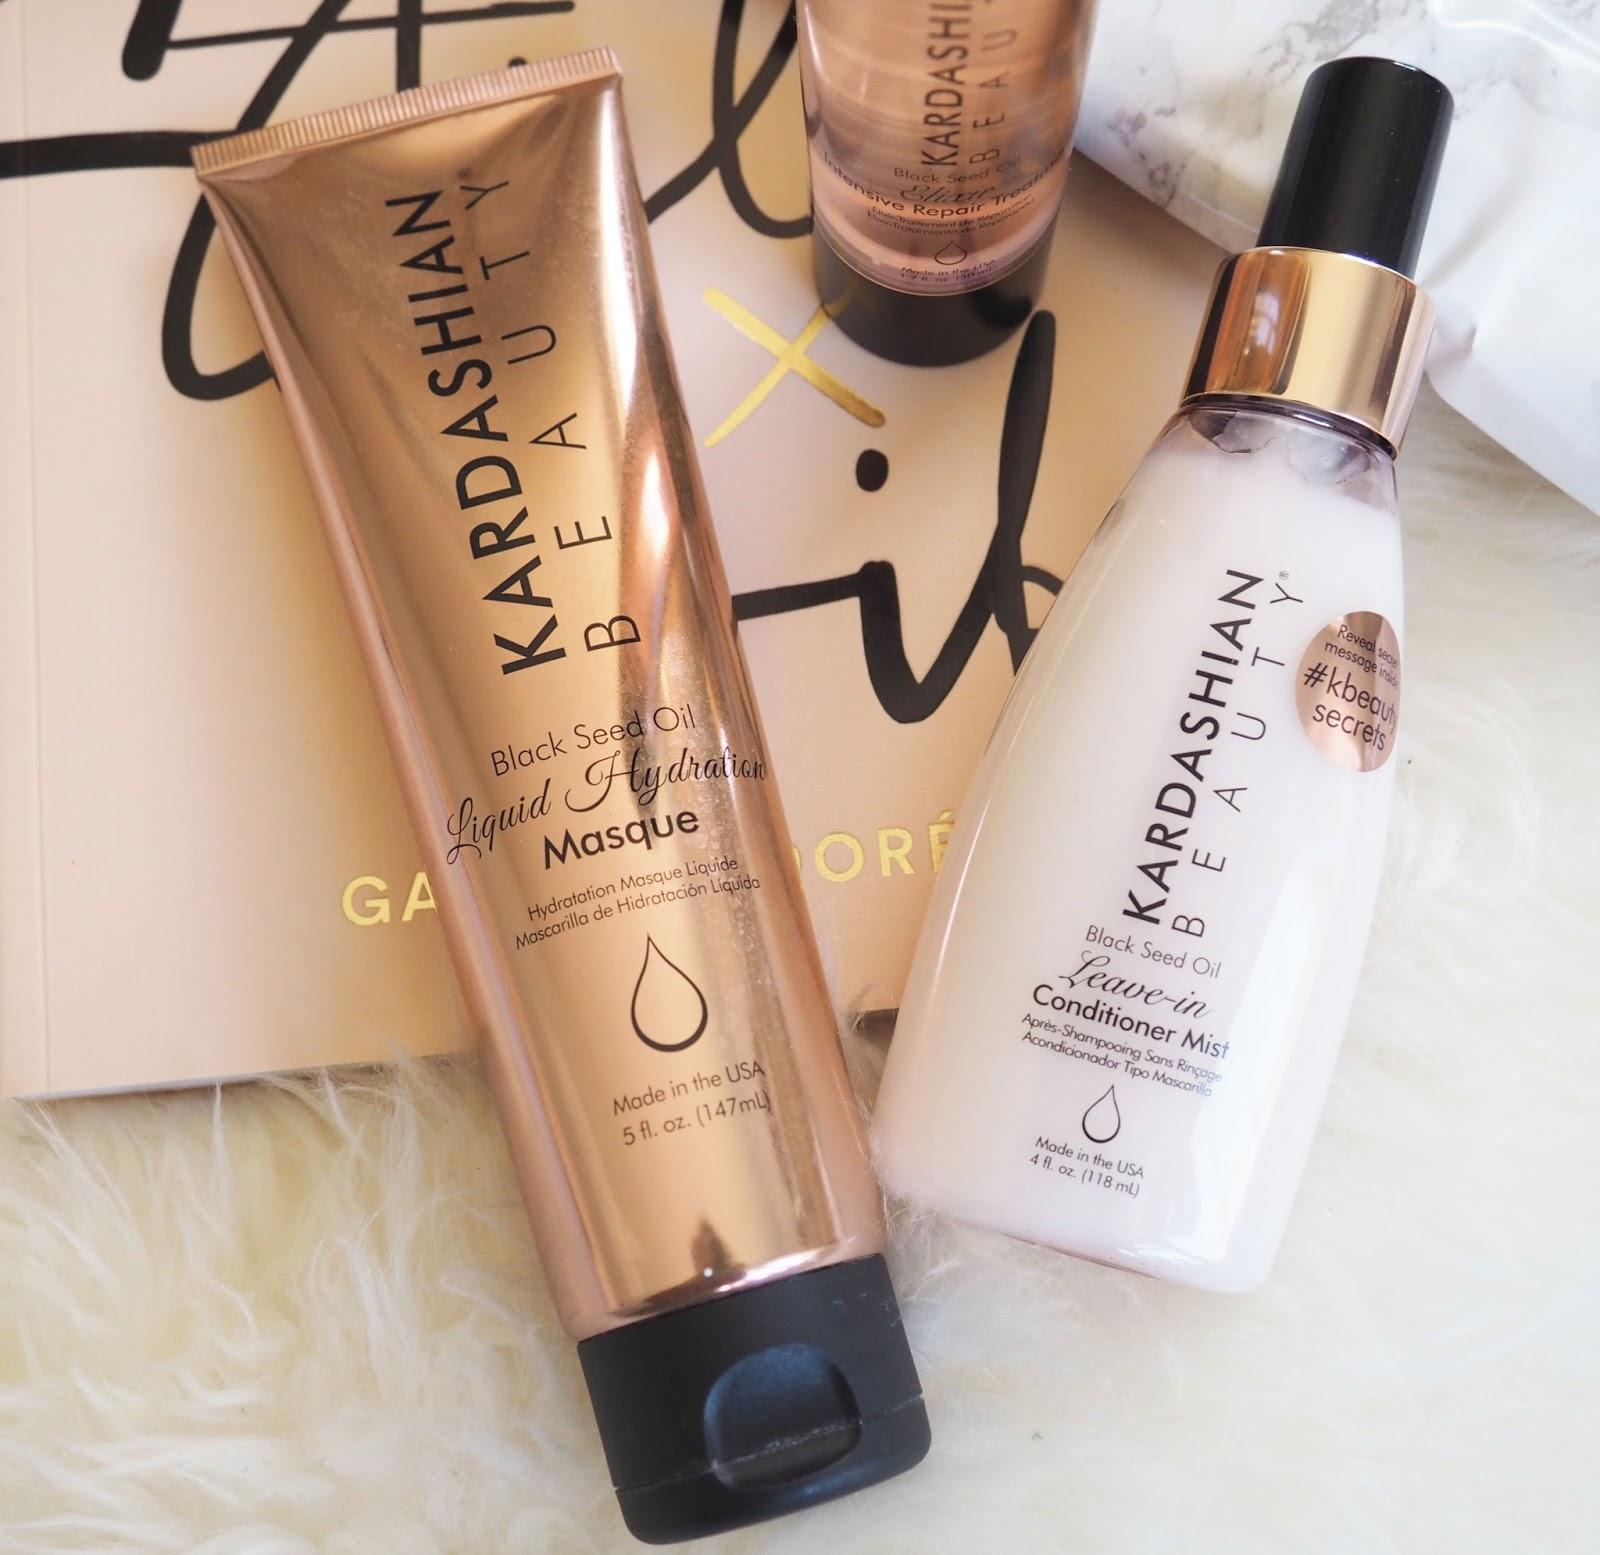 kardashian beauty uk, kardashian beauty hair review, kardashian hair uk, cloud10beauty review